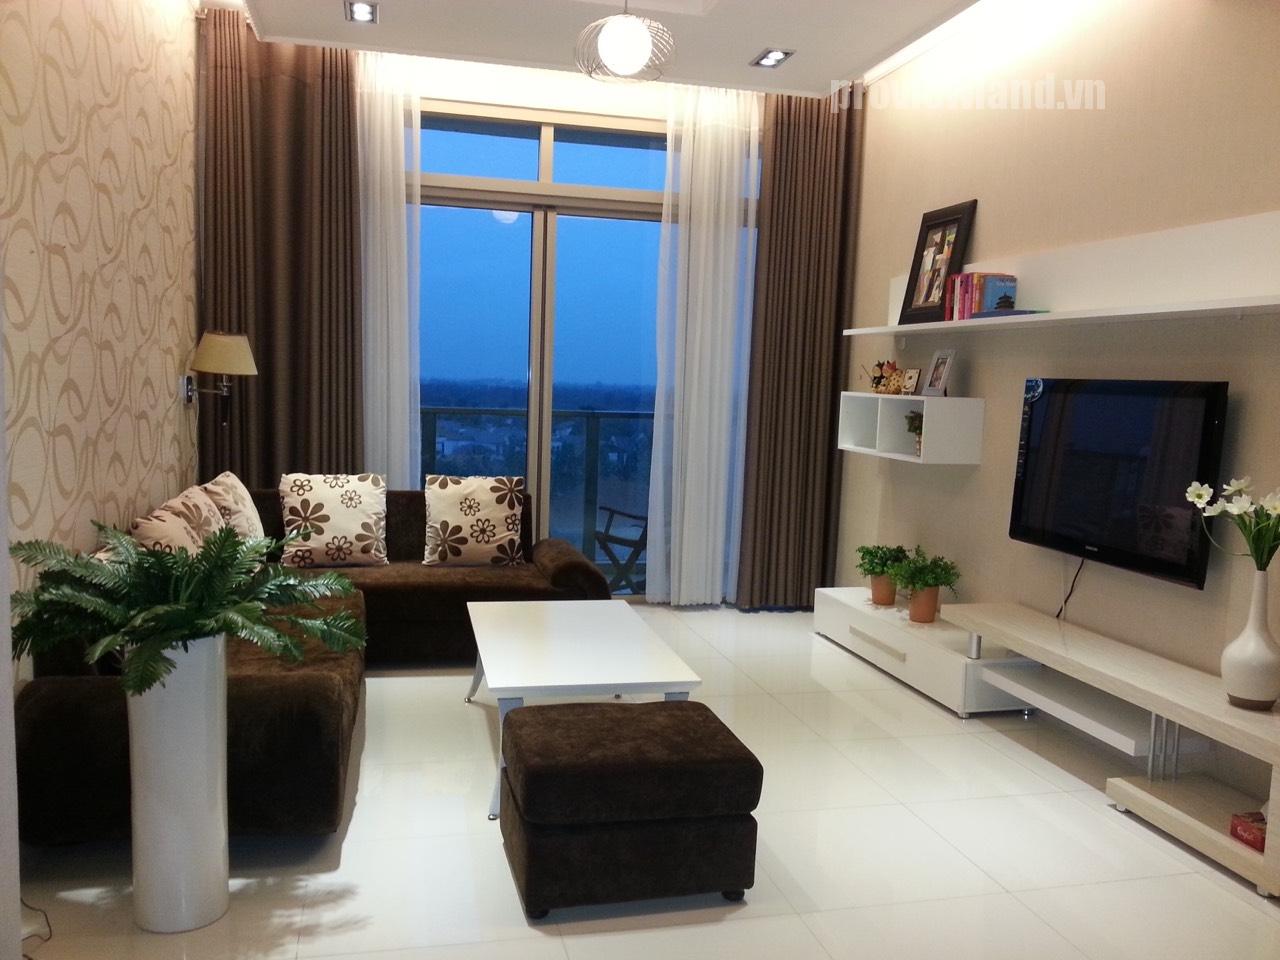 Cần bán căn hộ The Vista gồm 2 phòng ngủ với diện tích 108m2 đầy đủ nội thất